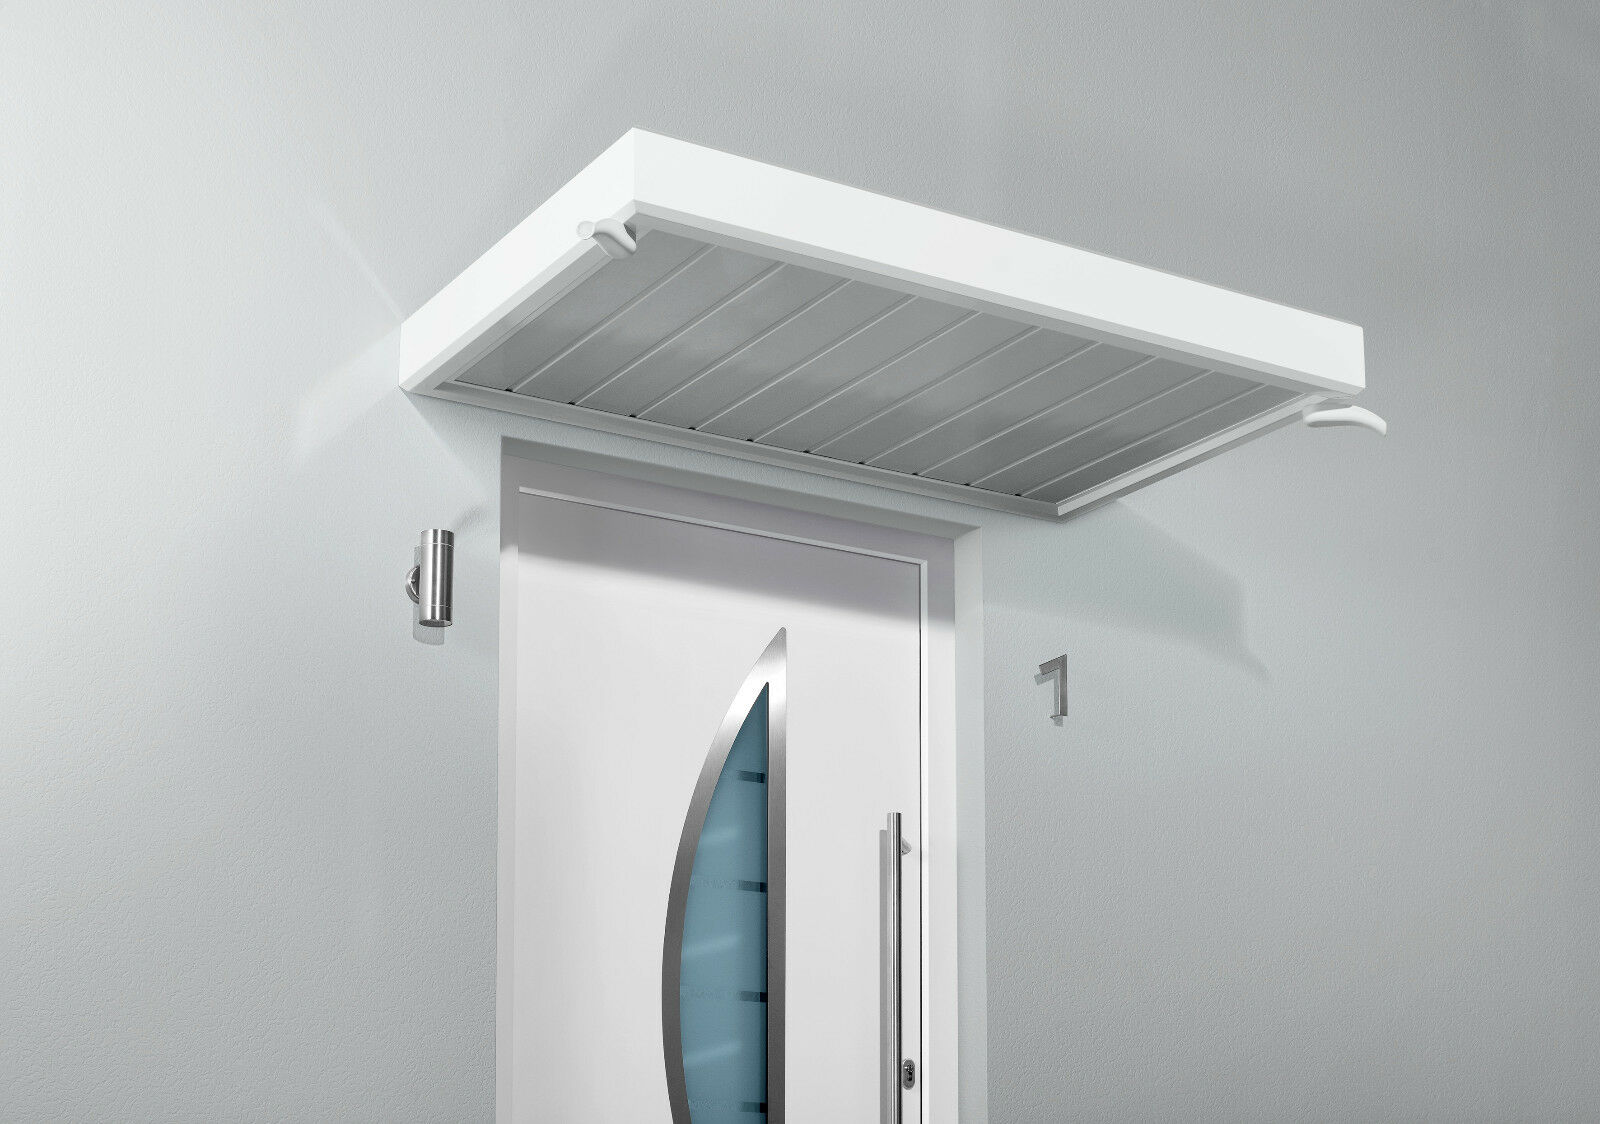 Gutta Vordach Vordach Vordach Rechteckvordach NM weiß 150 x 90 x 14 cm a78e39